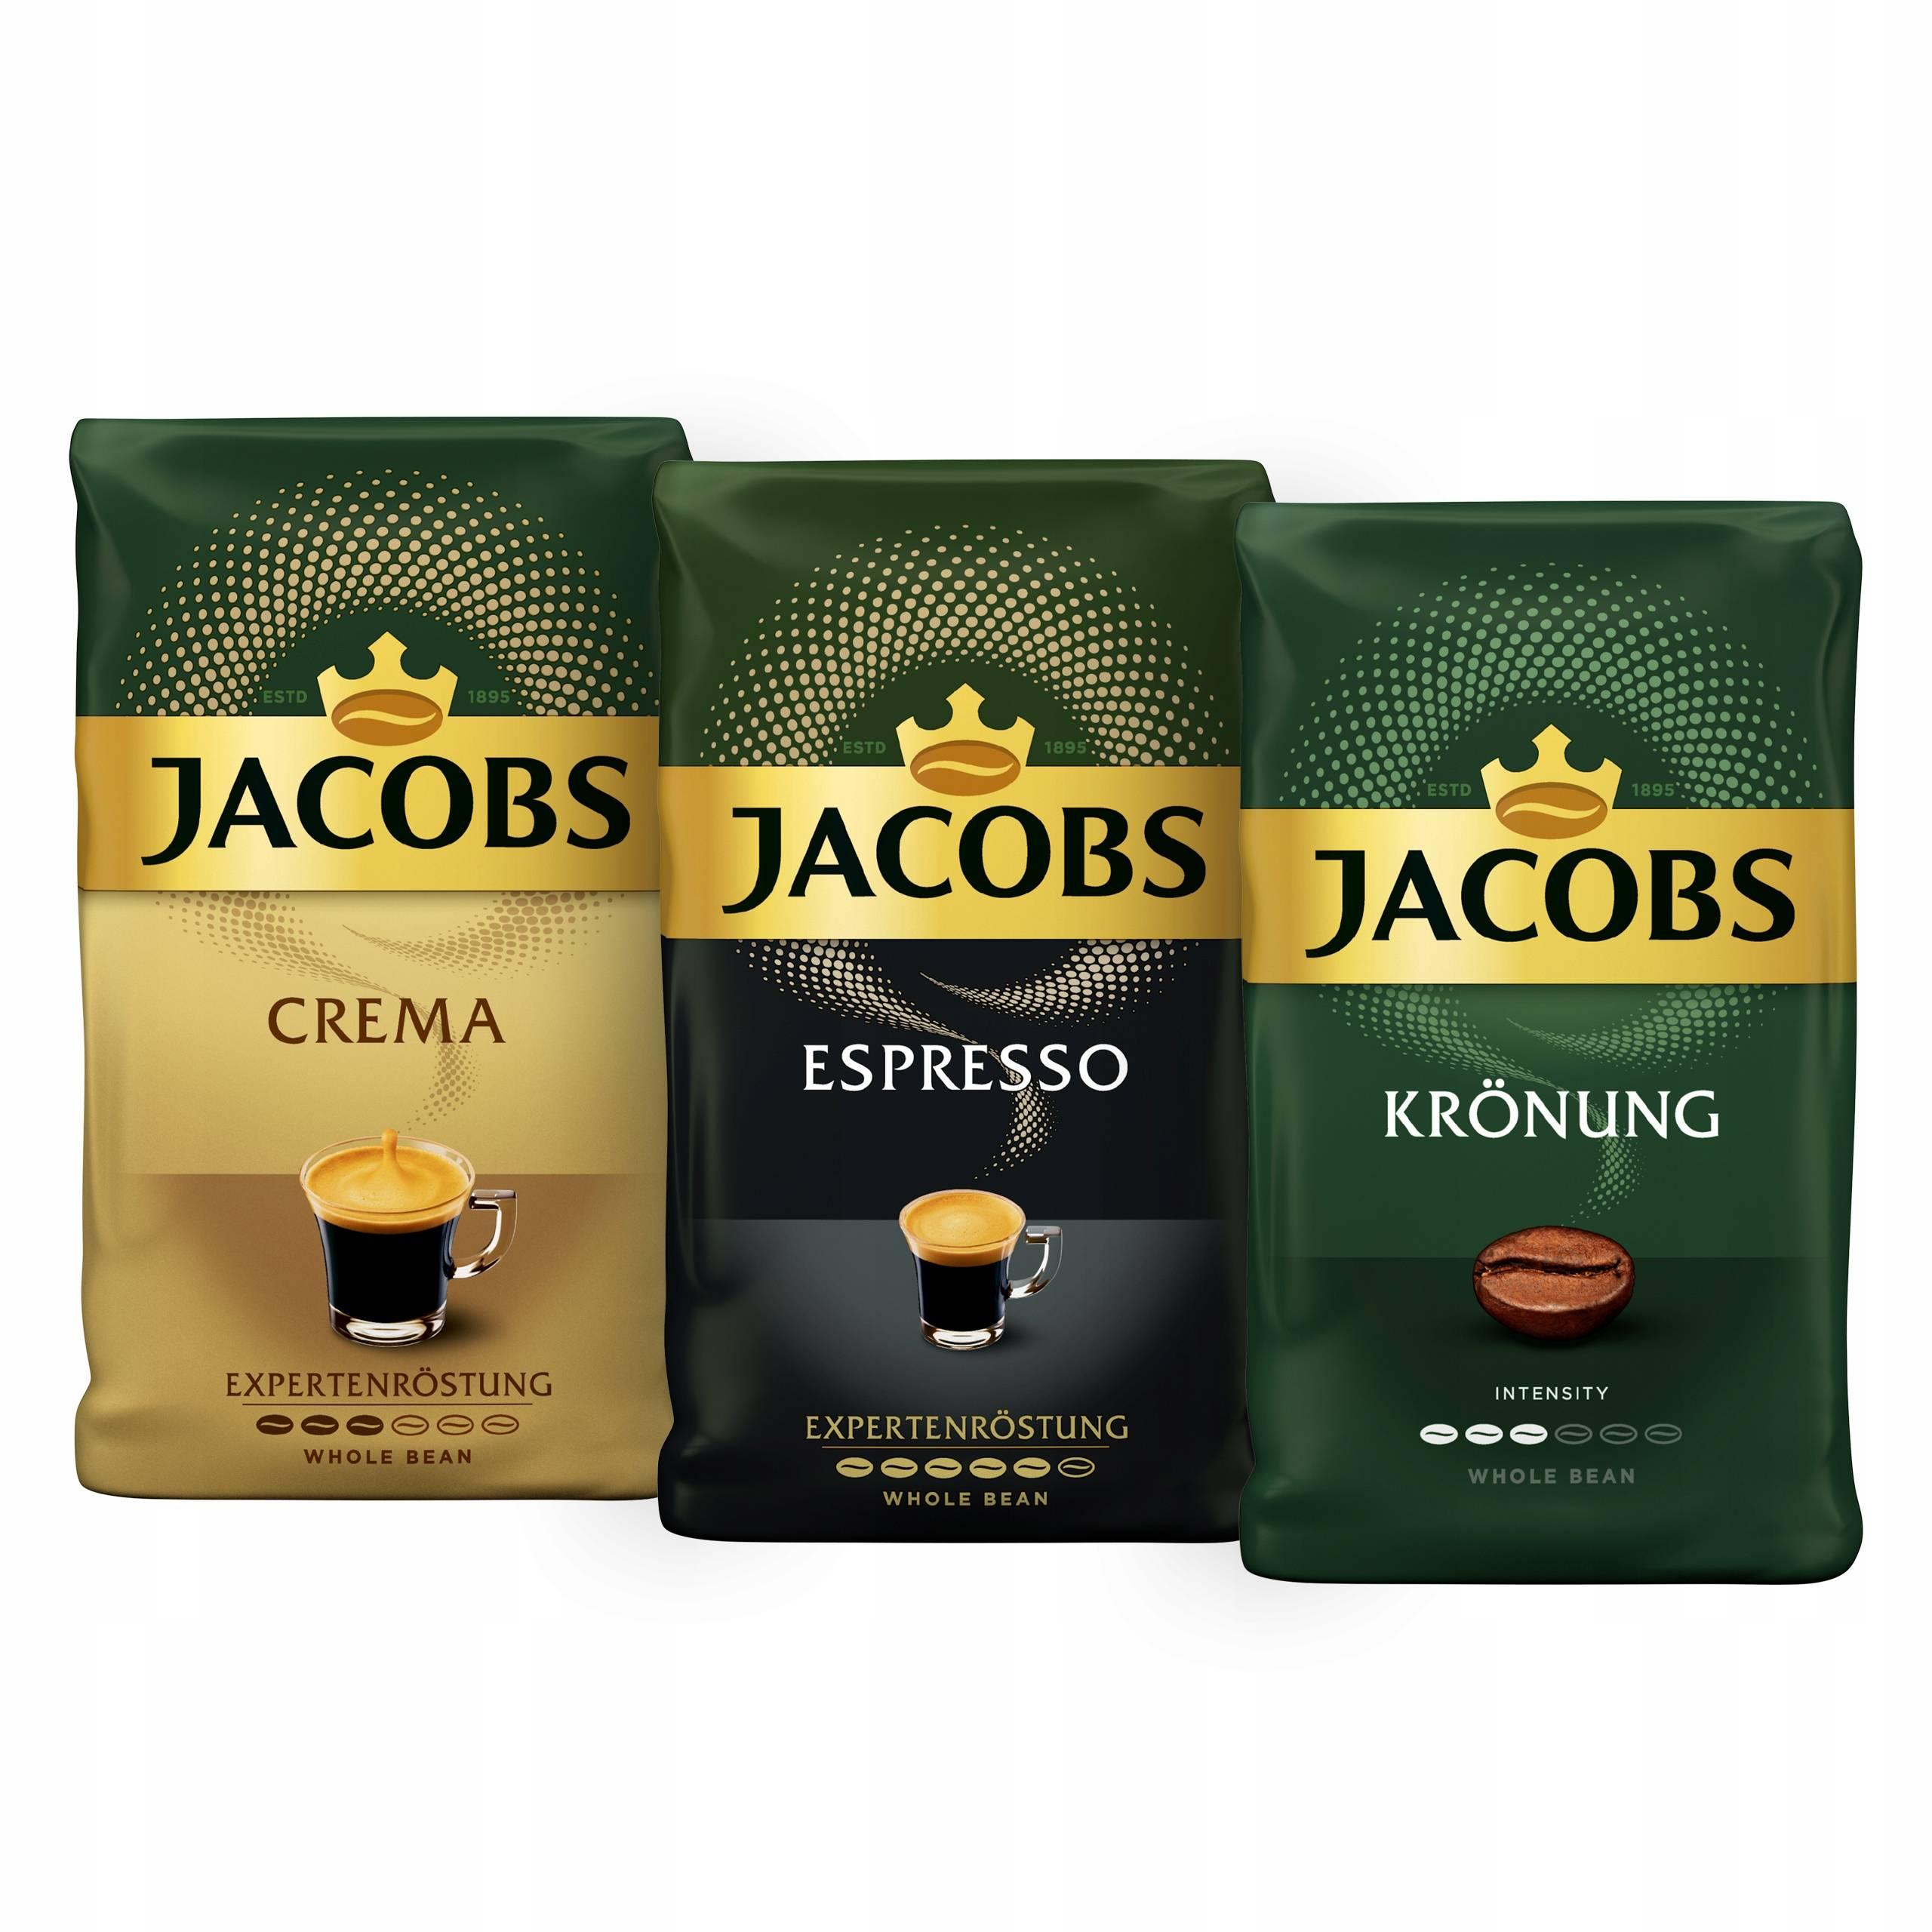 Кофе jacobs monarch: как отличить подделку от оригинала